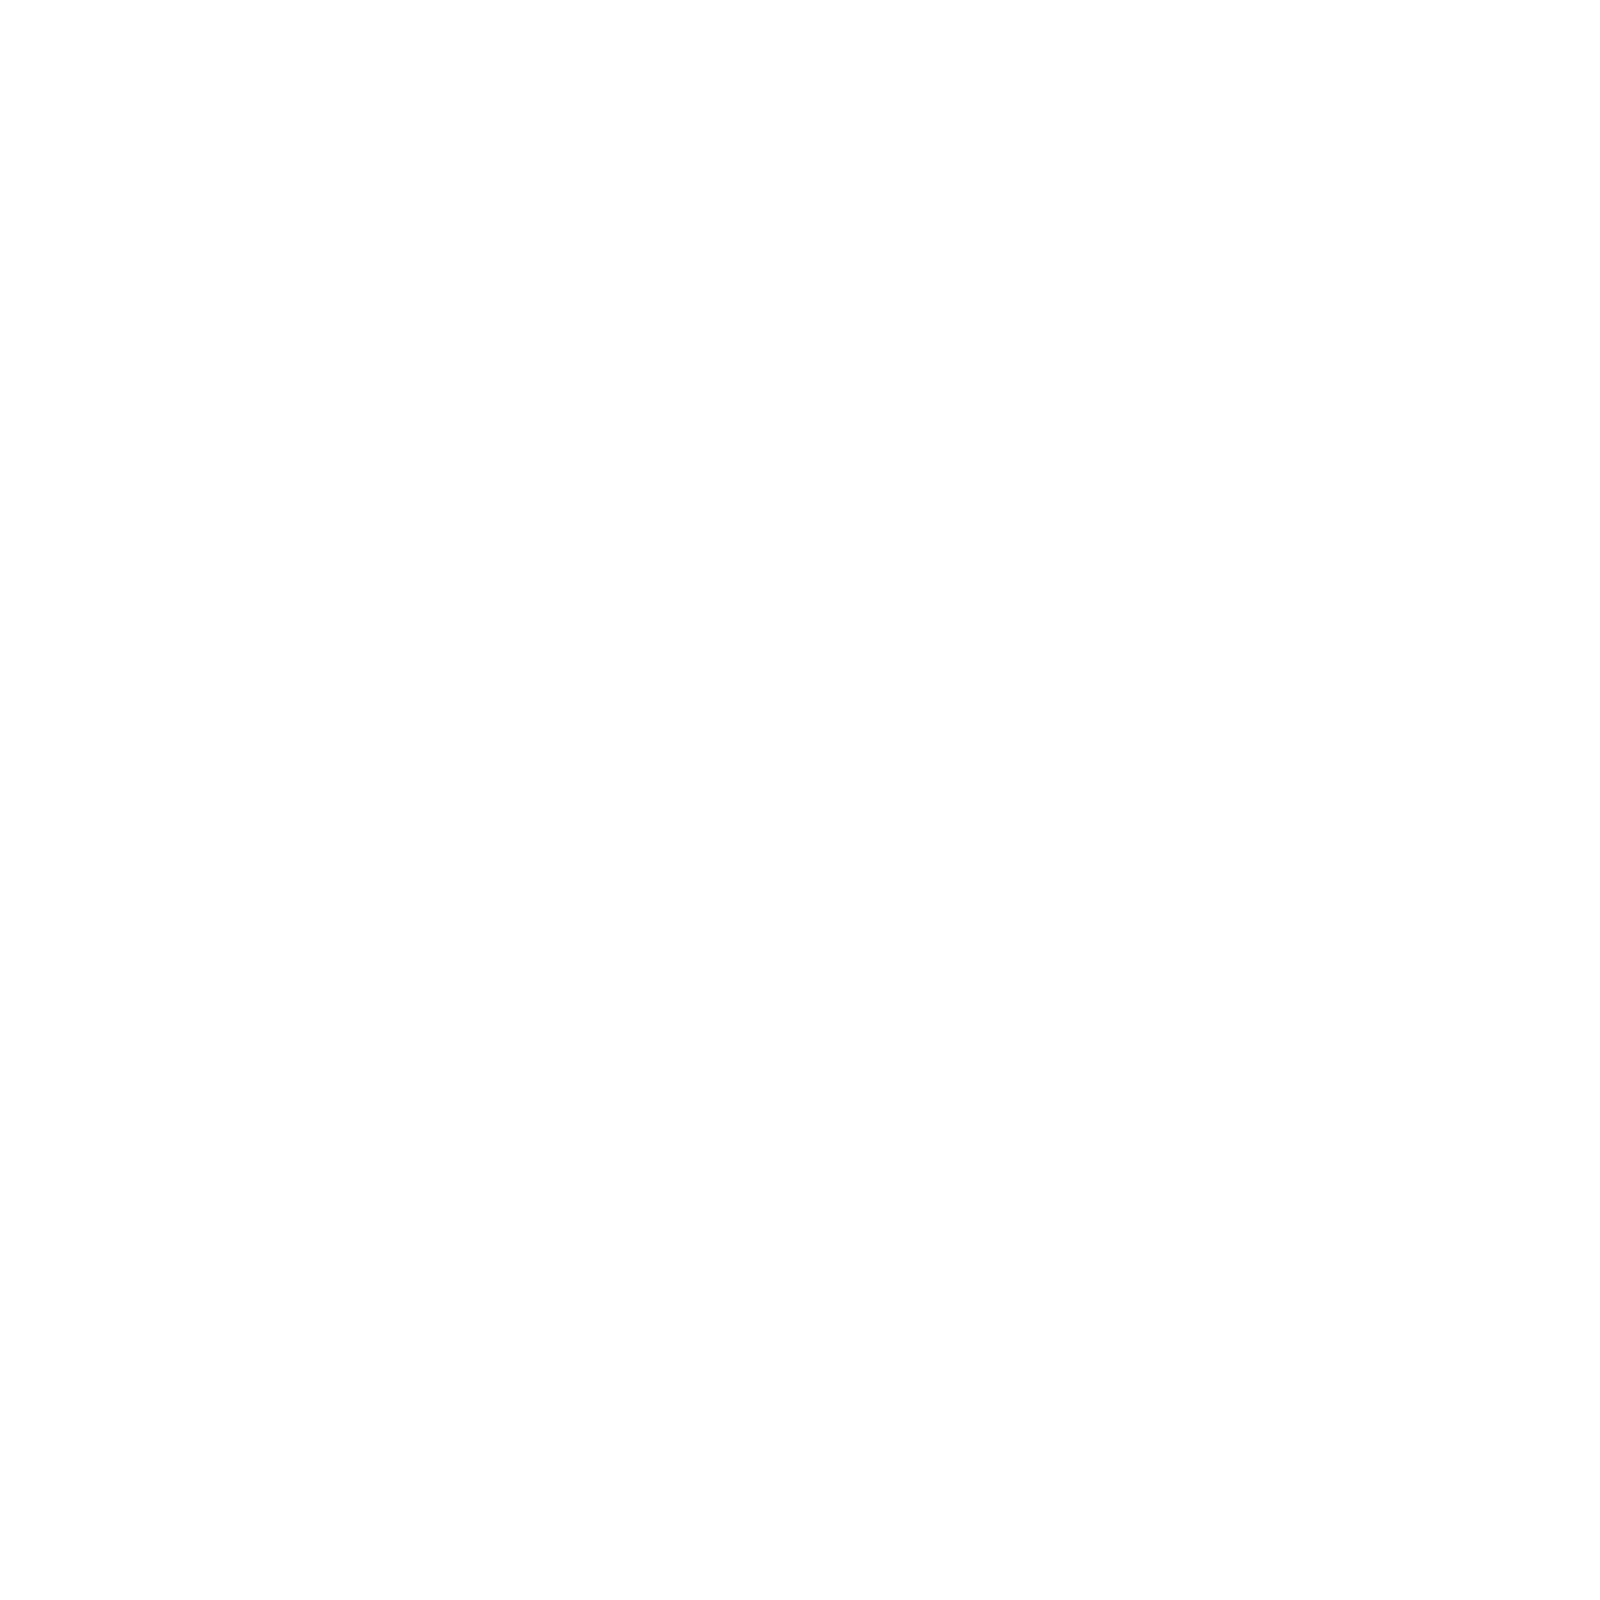 Nike benassi infrarosso scivolare (campione) bianco / infrarosso benassi / volt 9 nuove dimensioni 0e4f9b